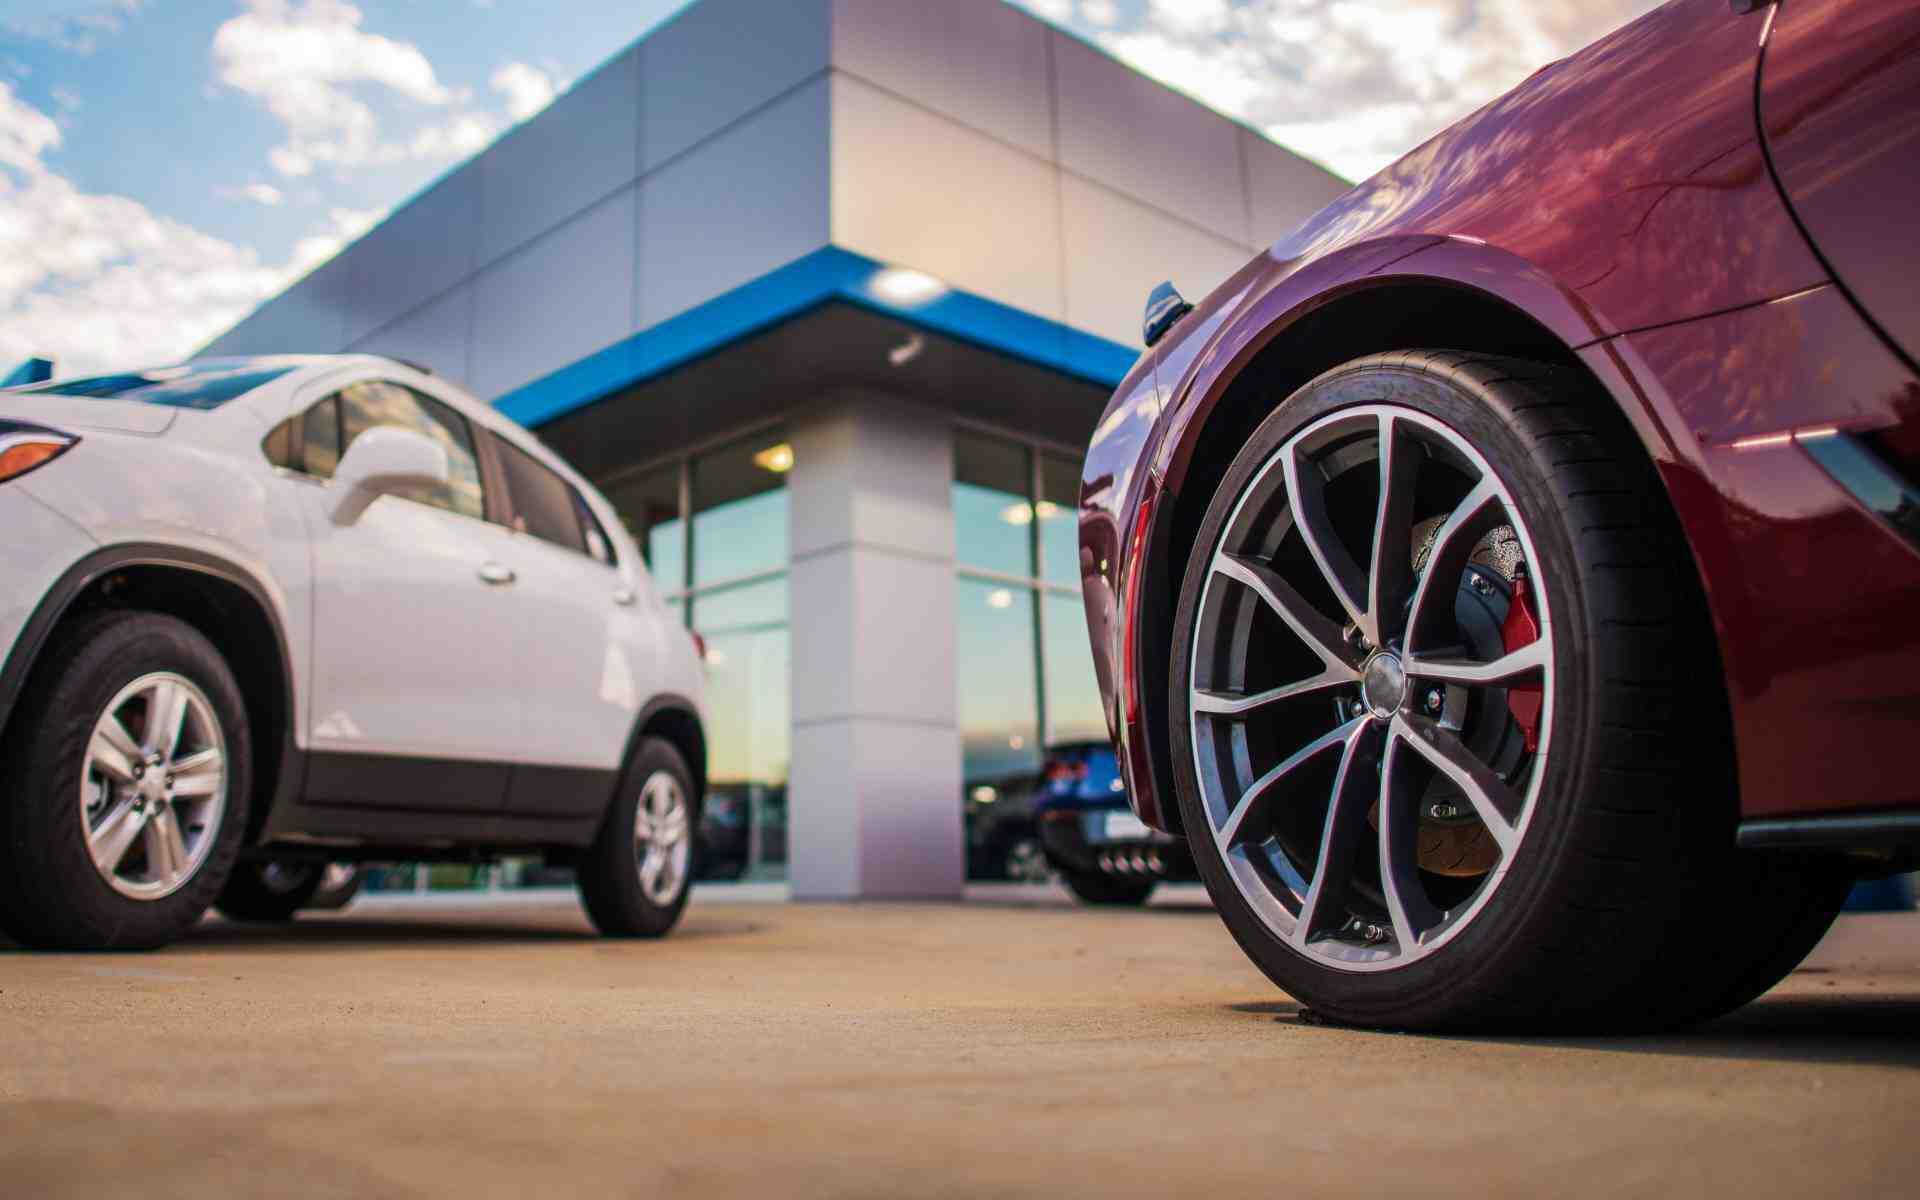 Comment réduire le prix d'une voiture d'occasion?